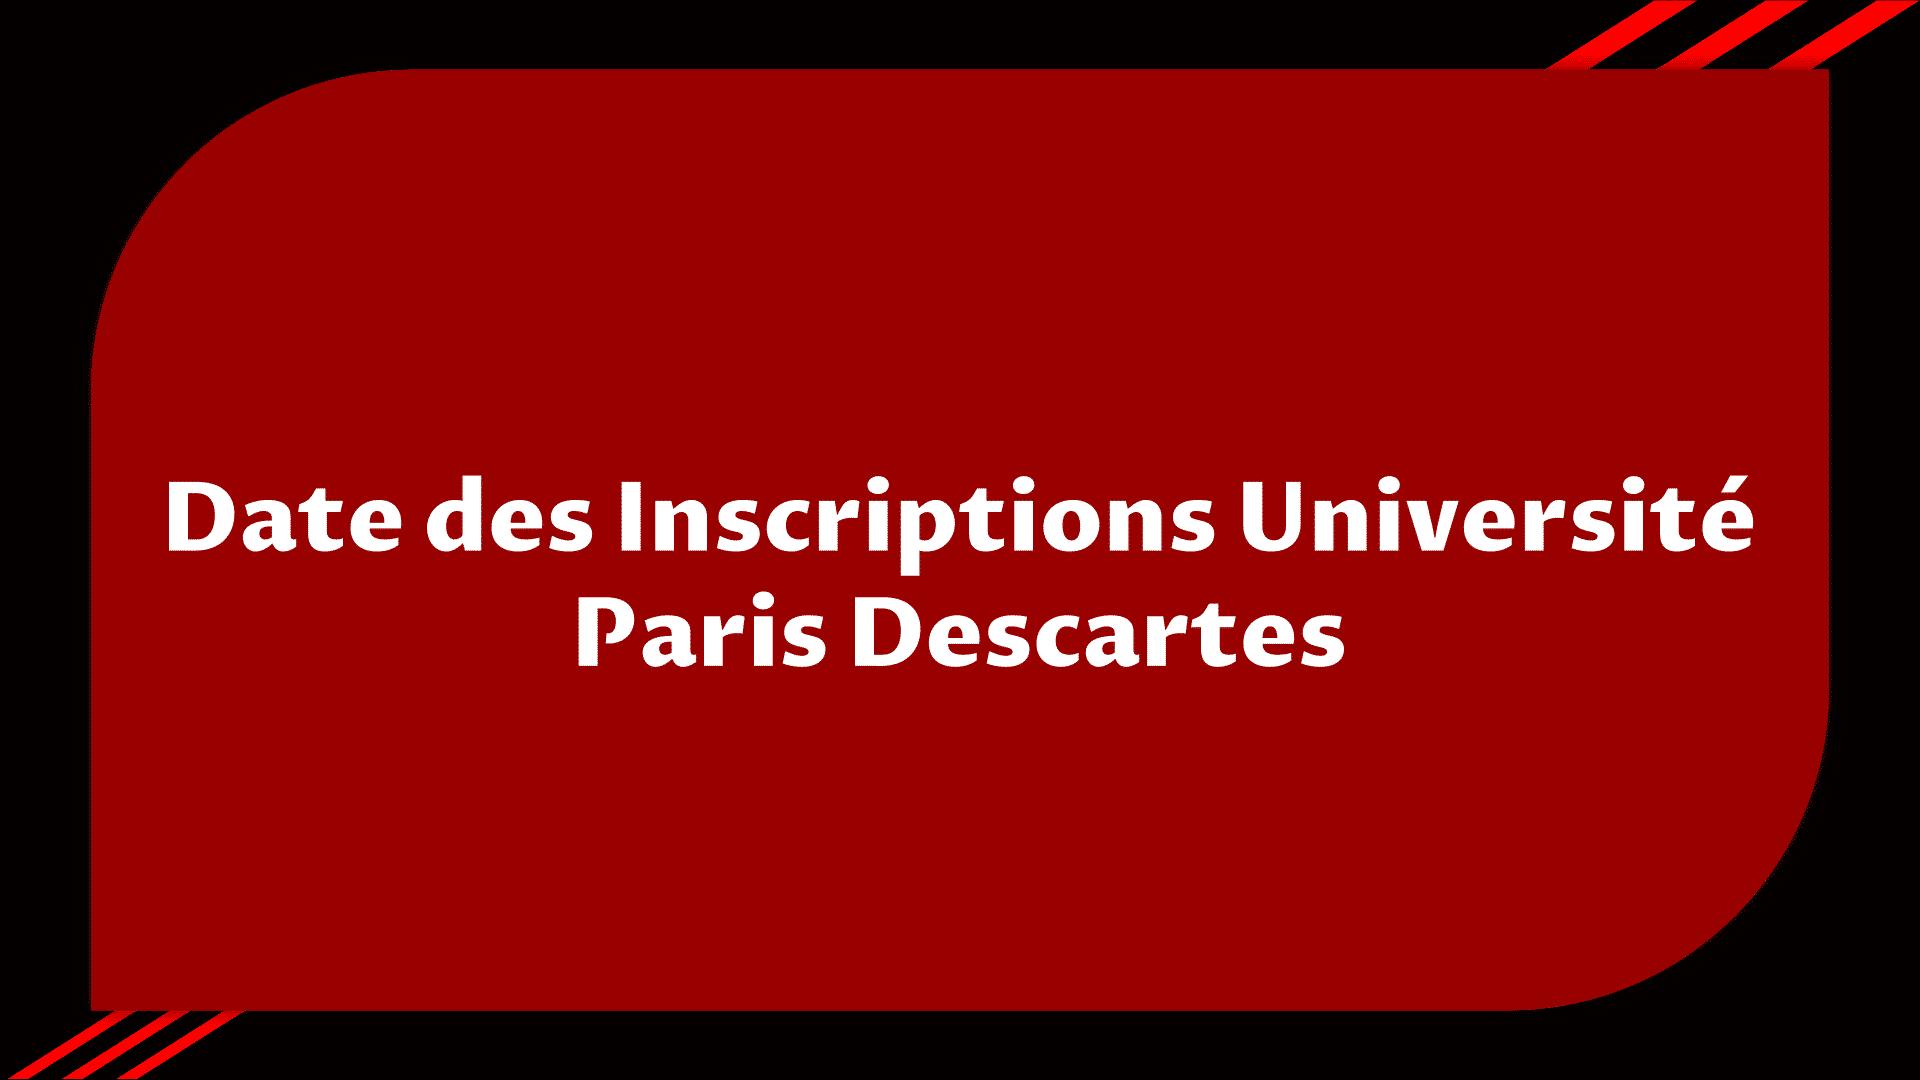 La date des Inscriptions Université Paris Descartes